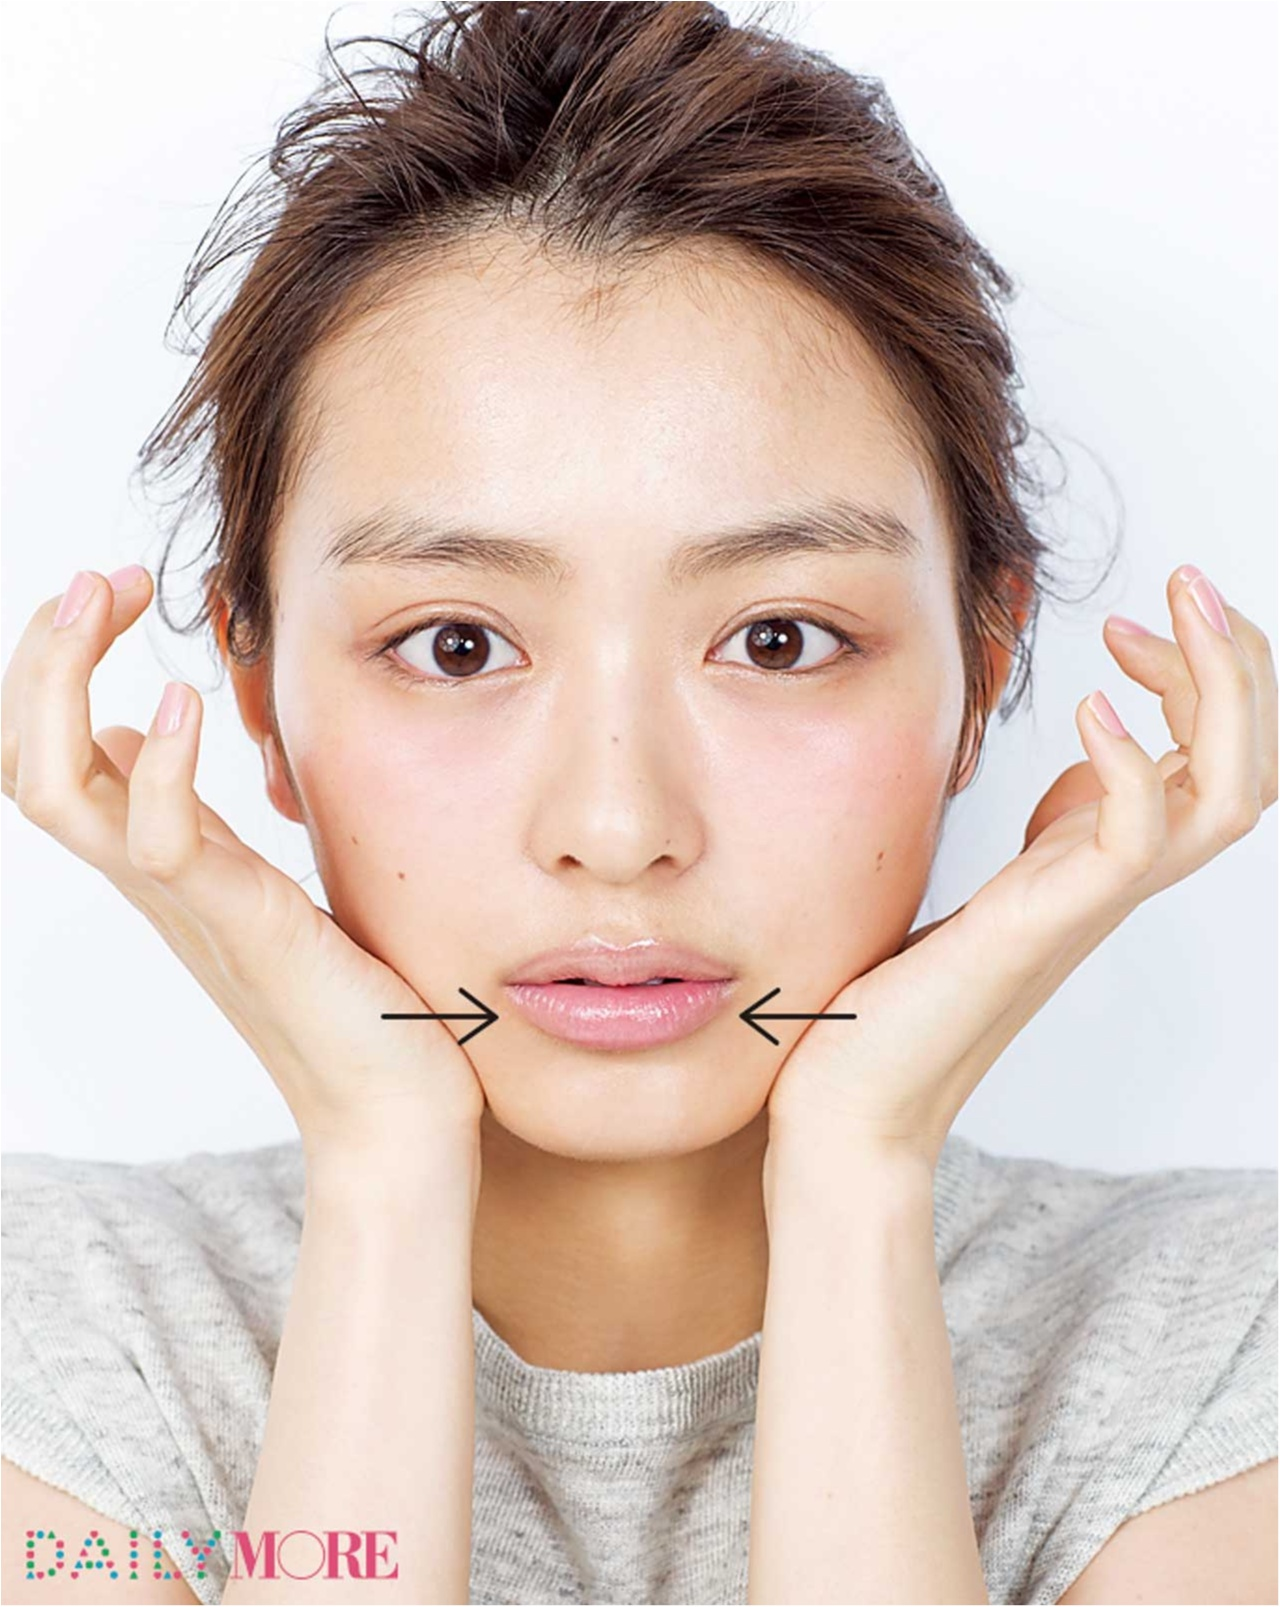 小顔マッサージ特集 - すぐにできる! むくみやたるみを解消してすっきり小顔を手に入れる方法_79